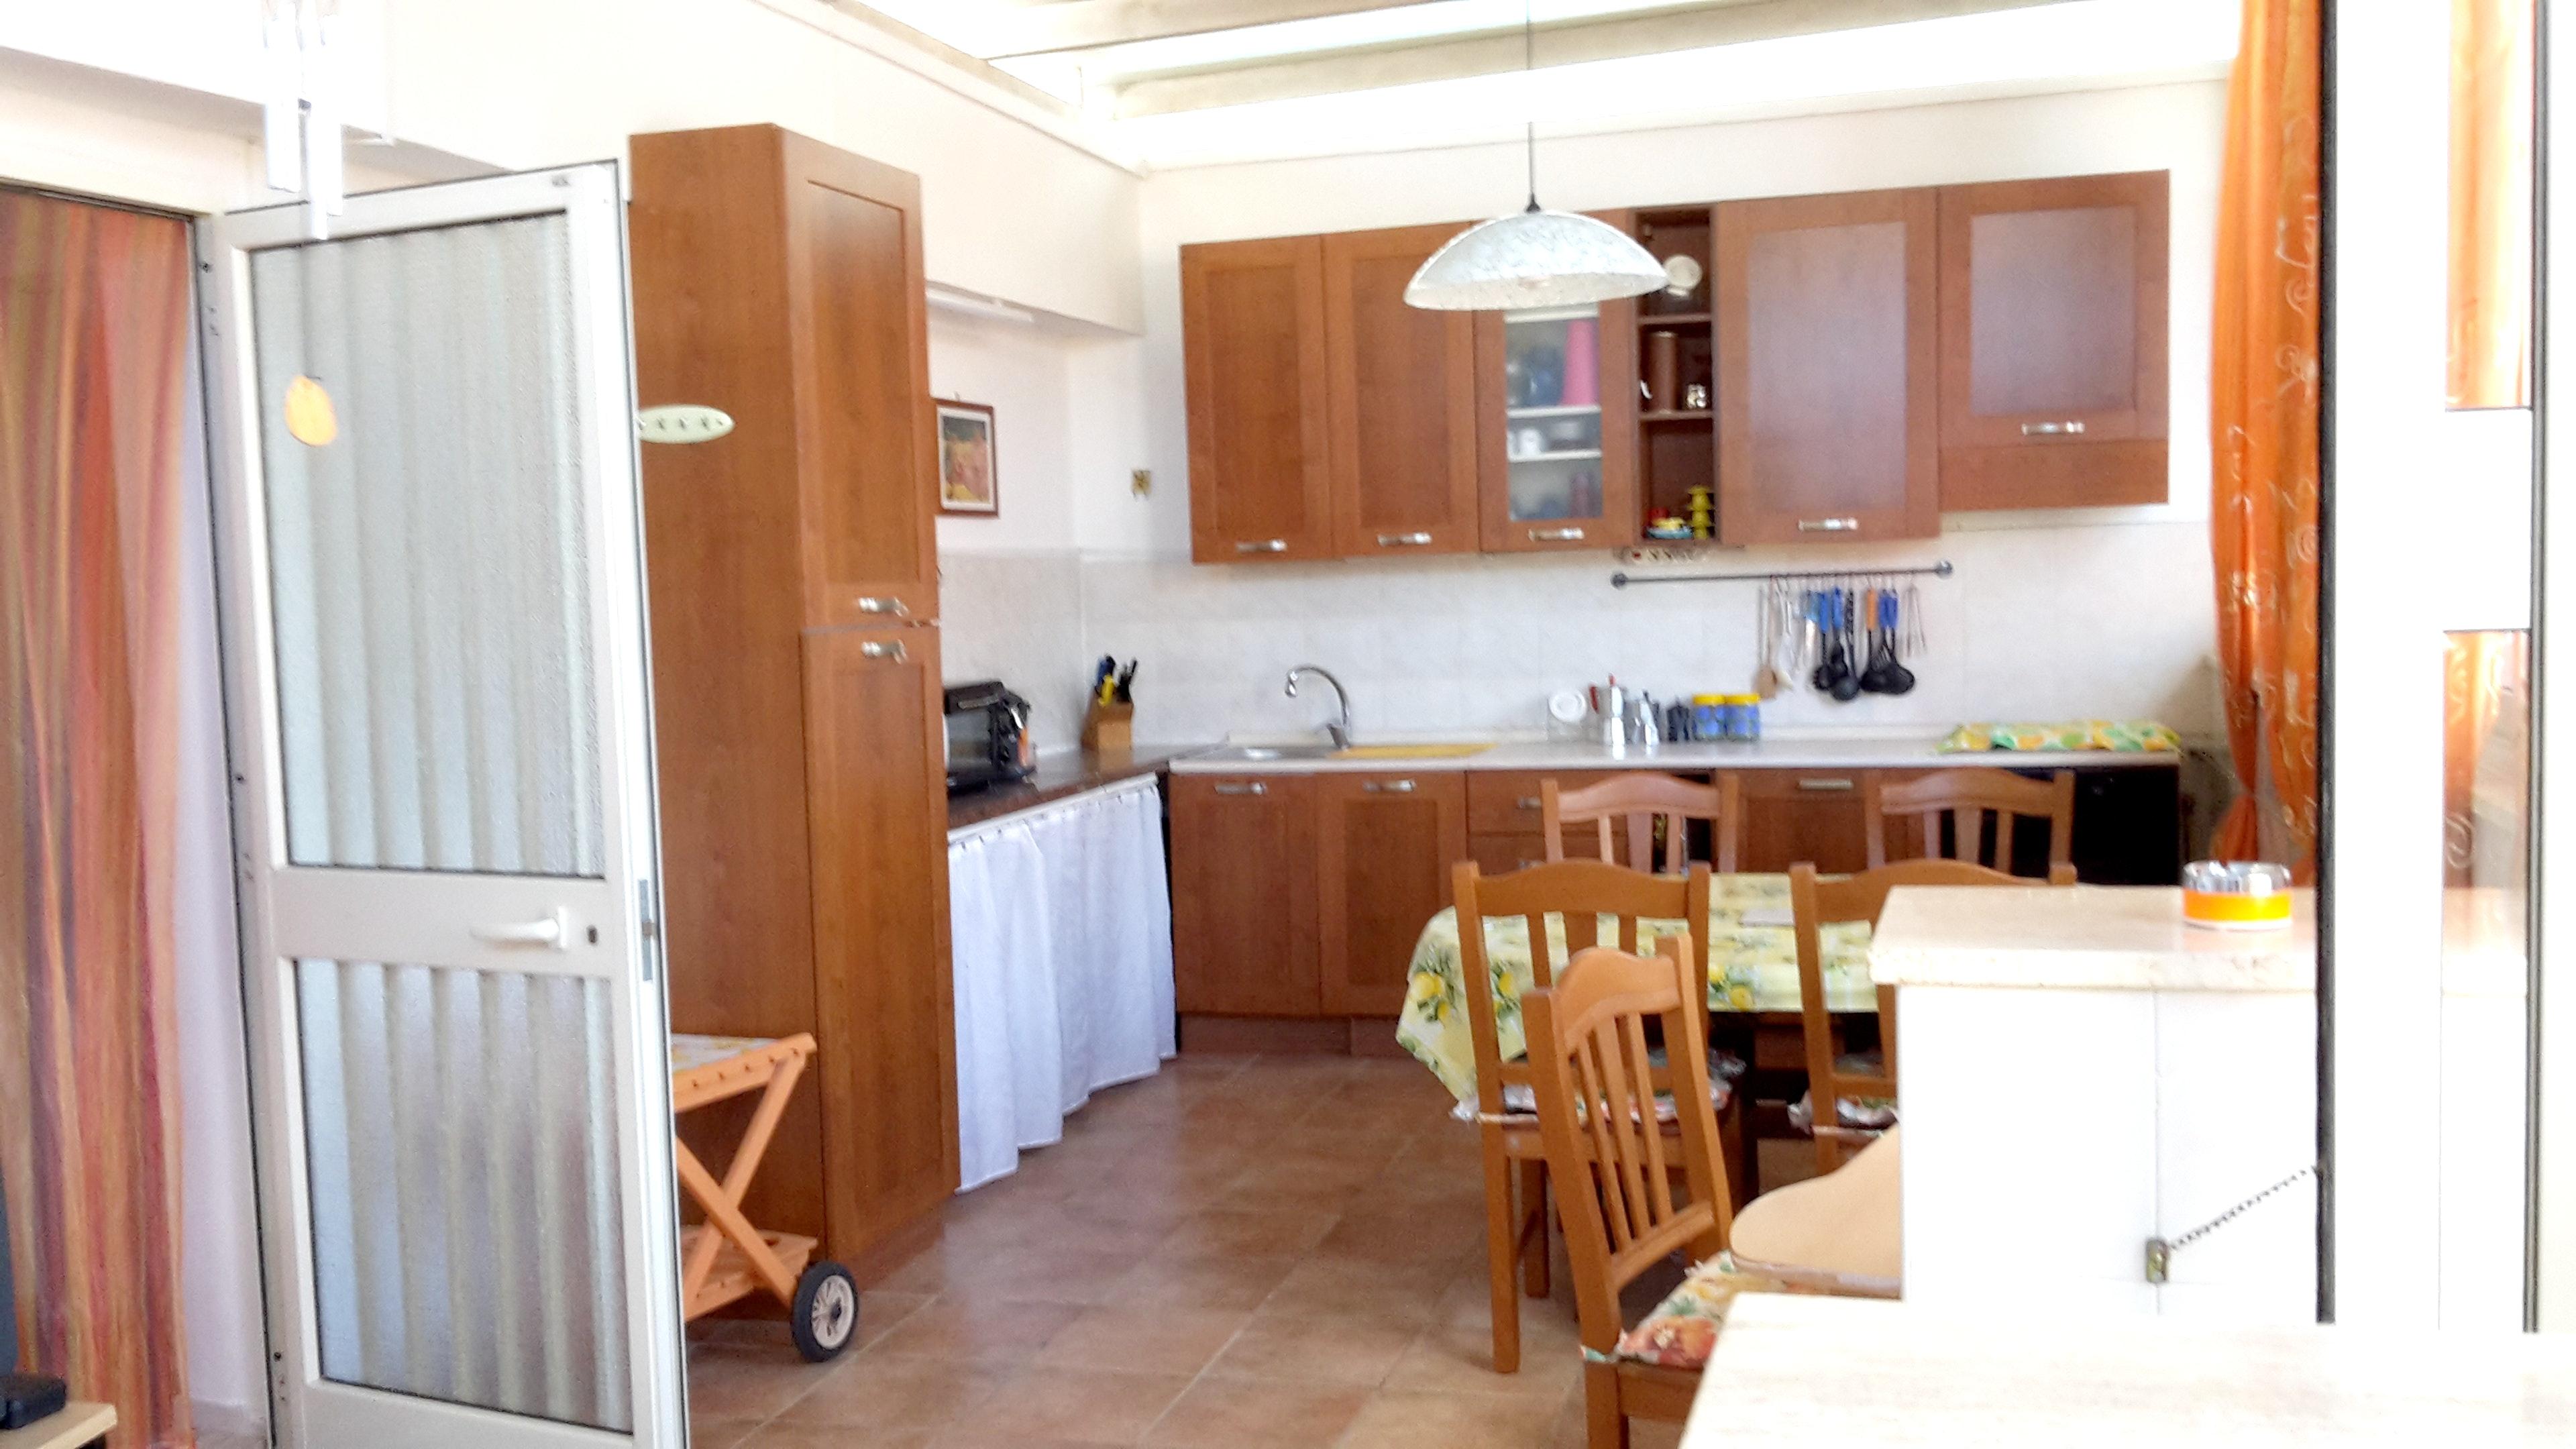 Ferienhaus Haus mit 2 Schlafzimmern in Porto Cesareo (Lecce) mit Pool, möbliertem Garten und W-LAN (2201032), Porto Cesareo, Lecce, Apulien, Italien, Bild 17